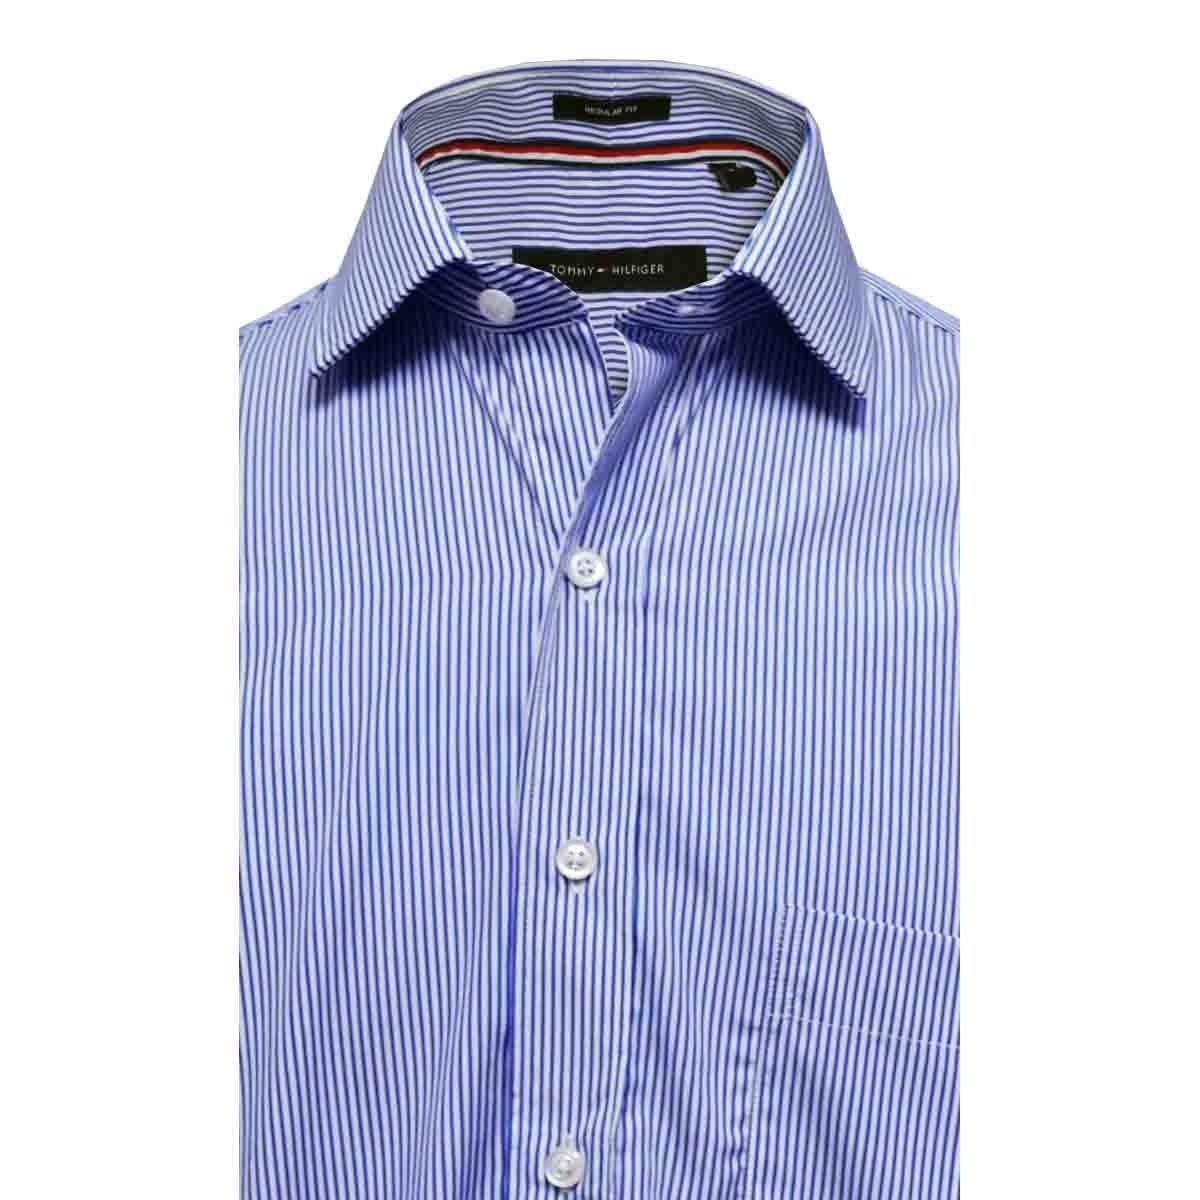 9af16235c5 Camisa Rayas Tommy Hilfiger -   1